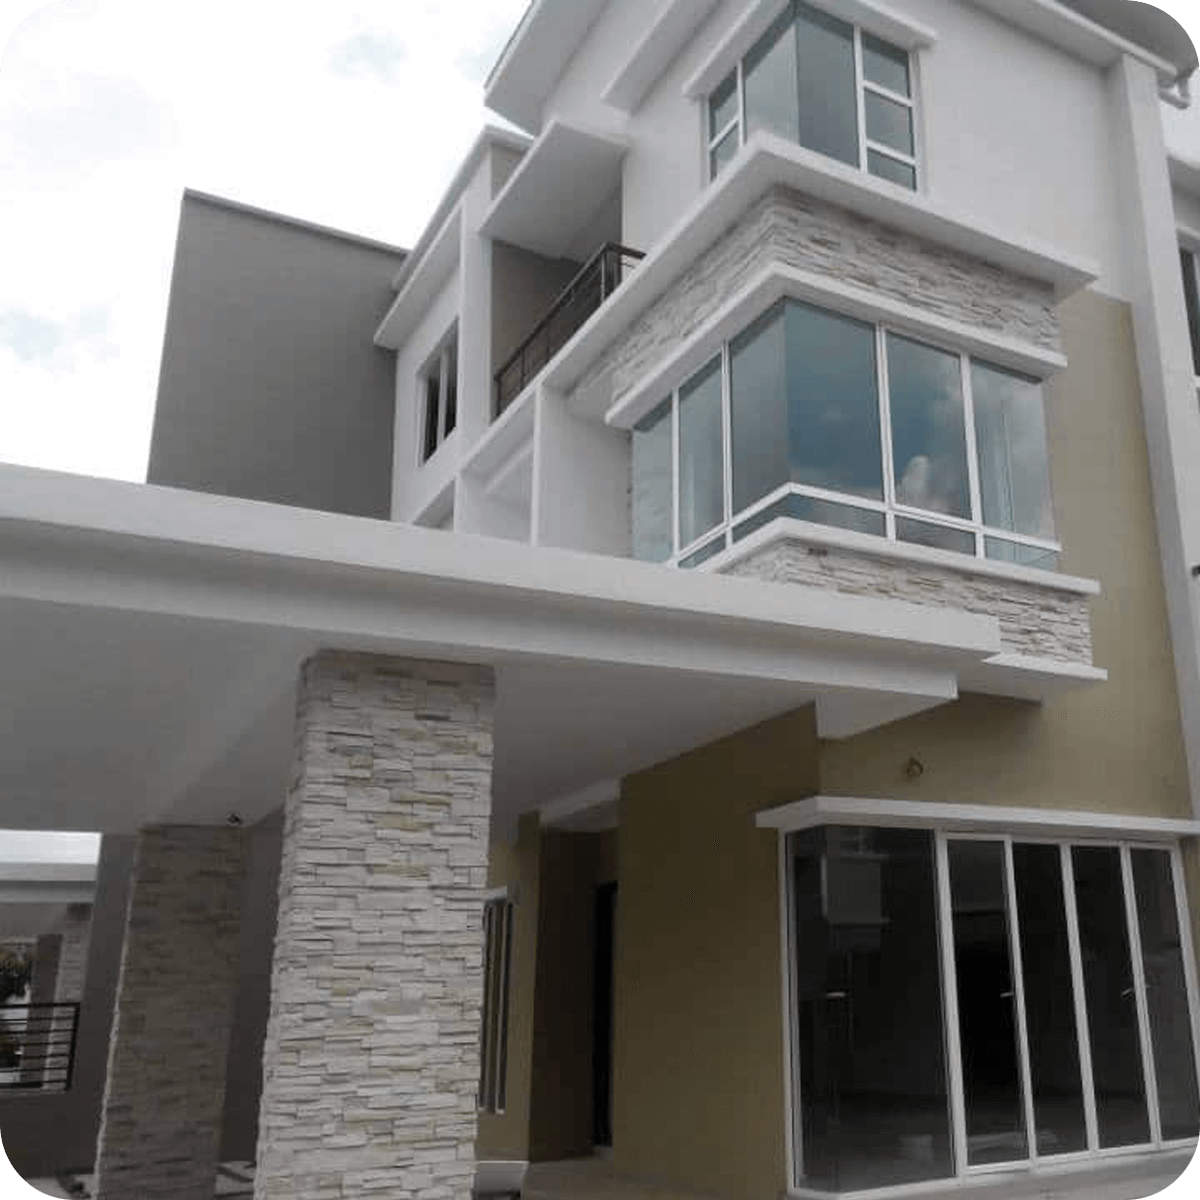 Rumah IBS | Kontraktor Bina Rumah IBS (LPPSA, KWSP & Tunai) 14